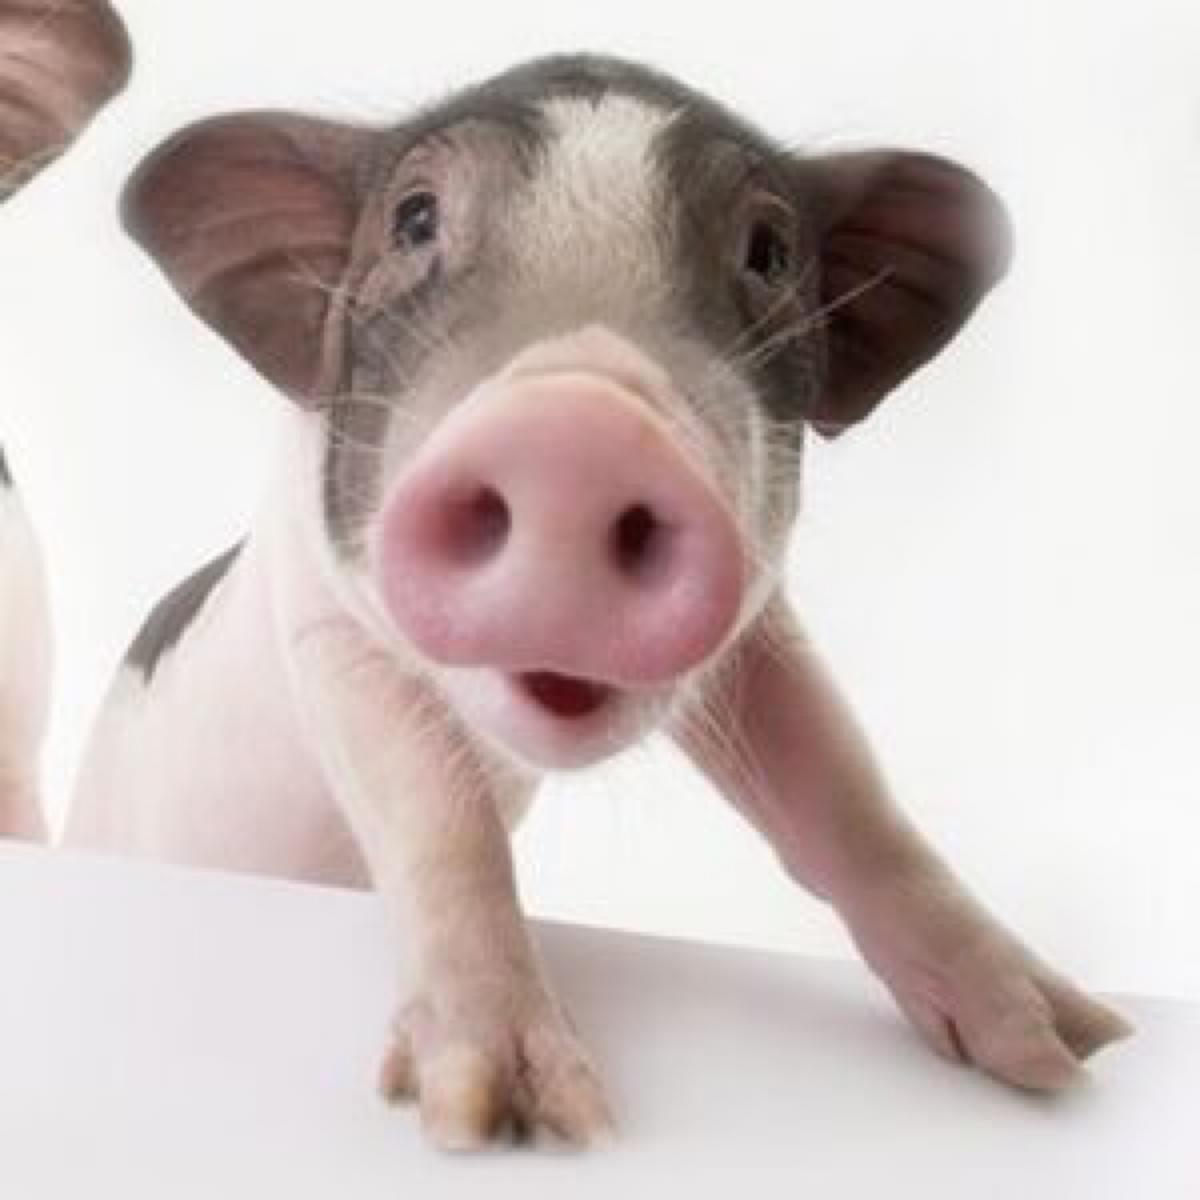 为了自由,猪也是拼了! - 真光 - 真光 的博客